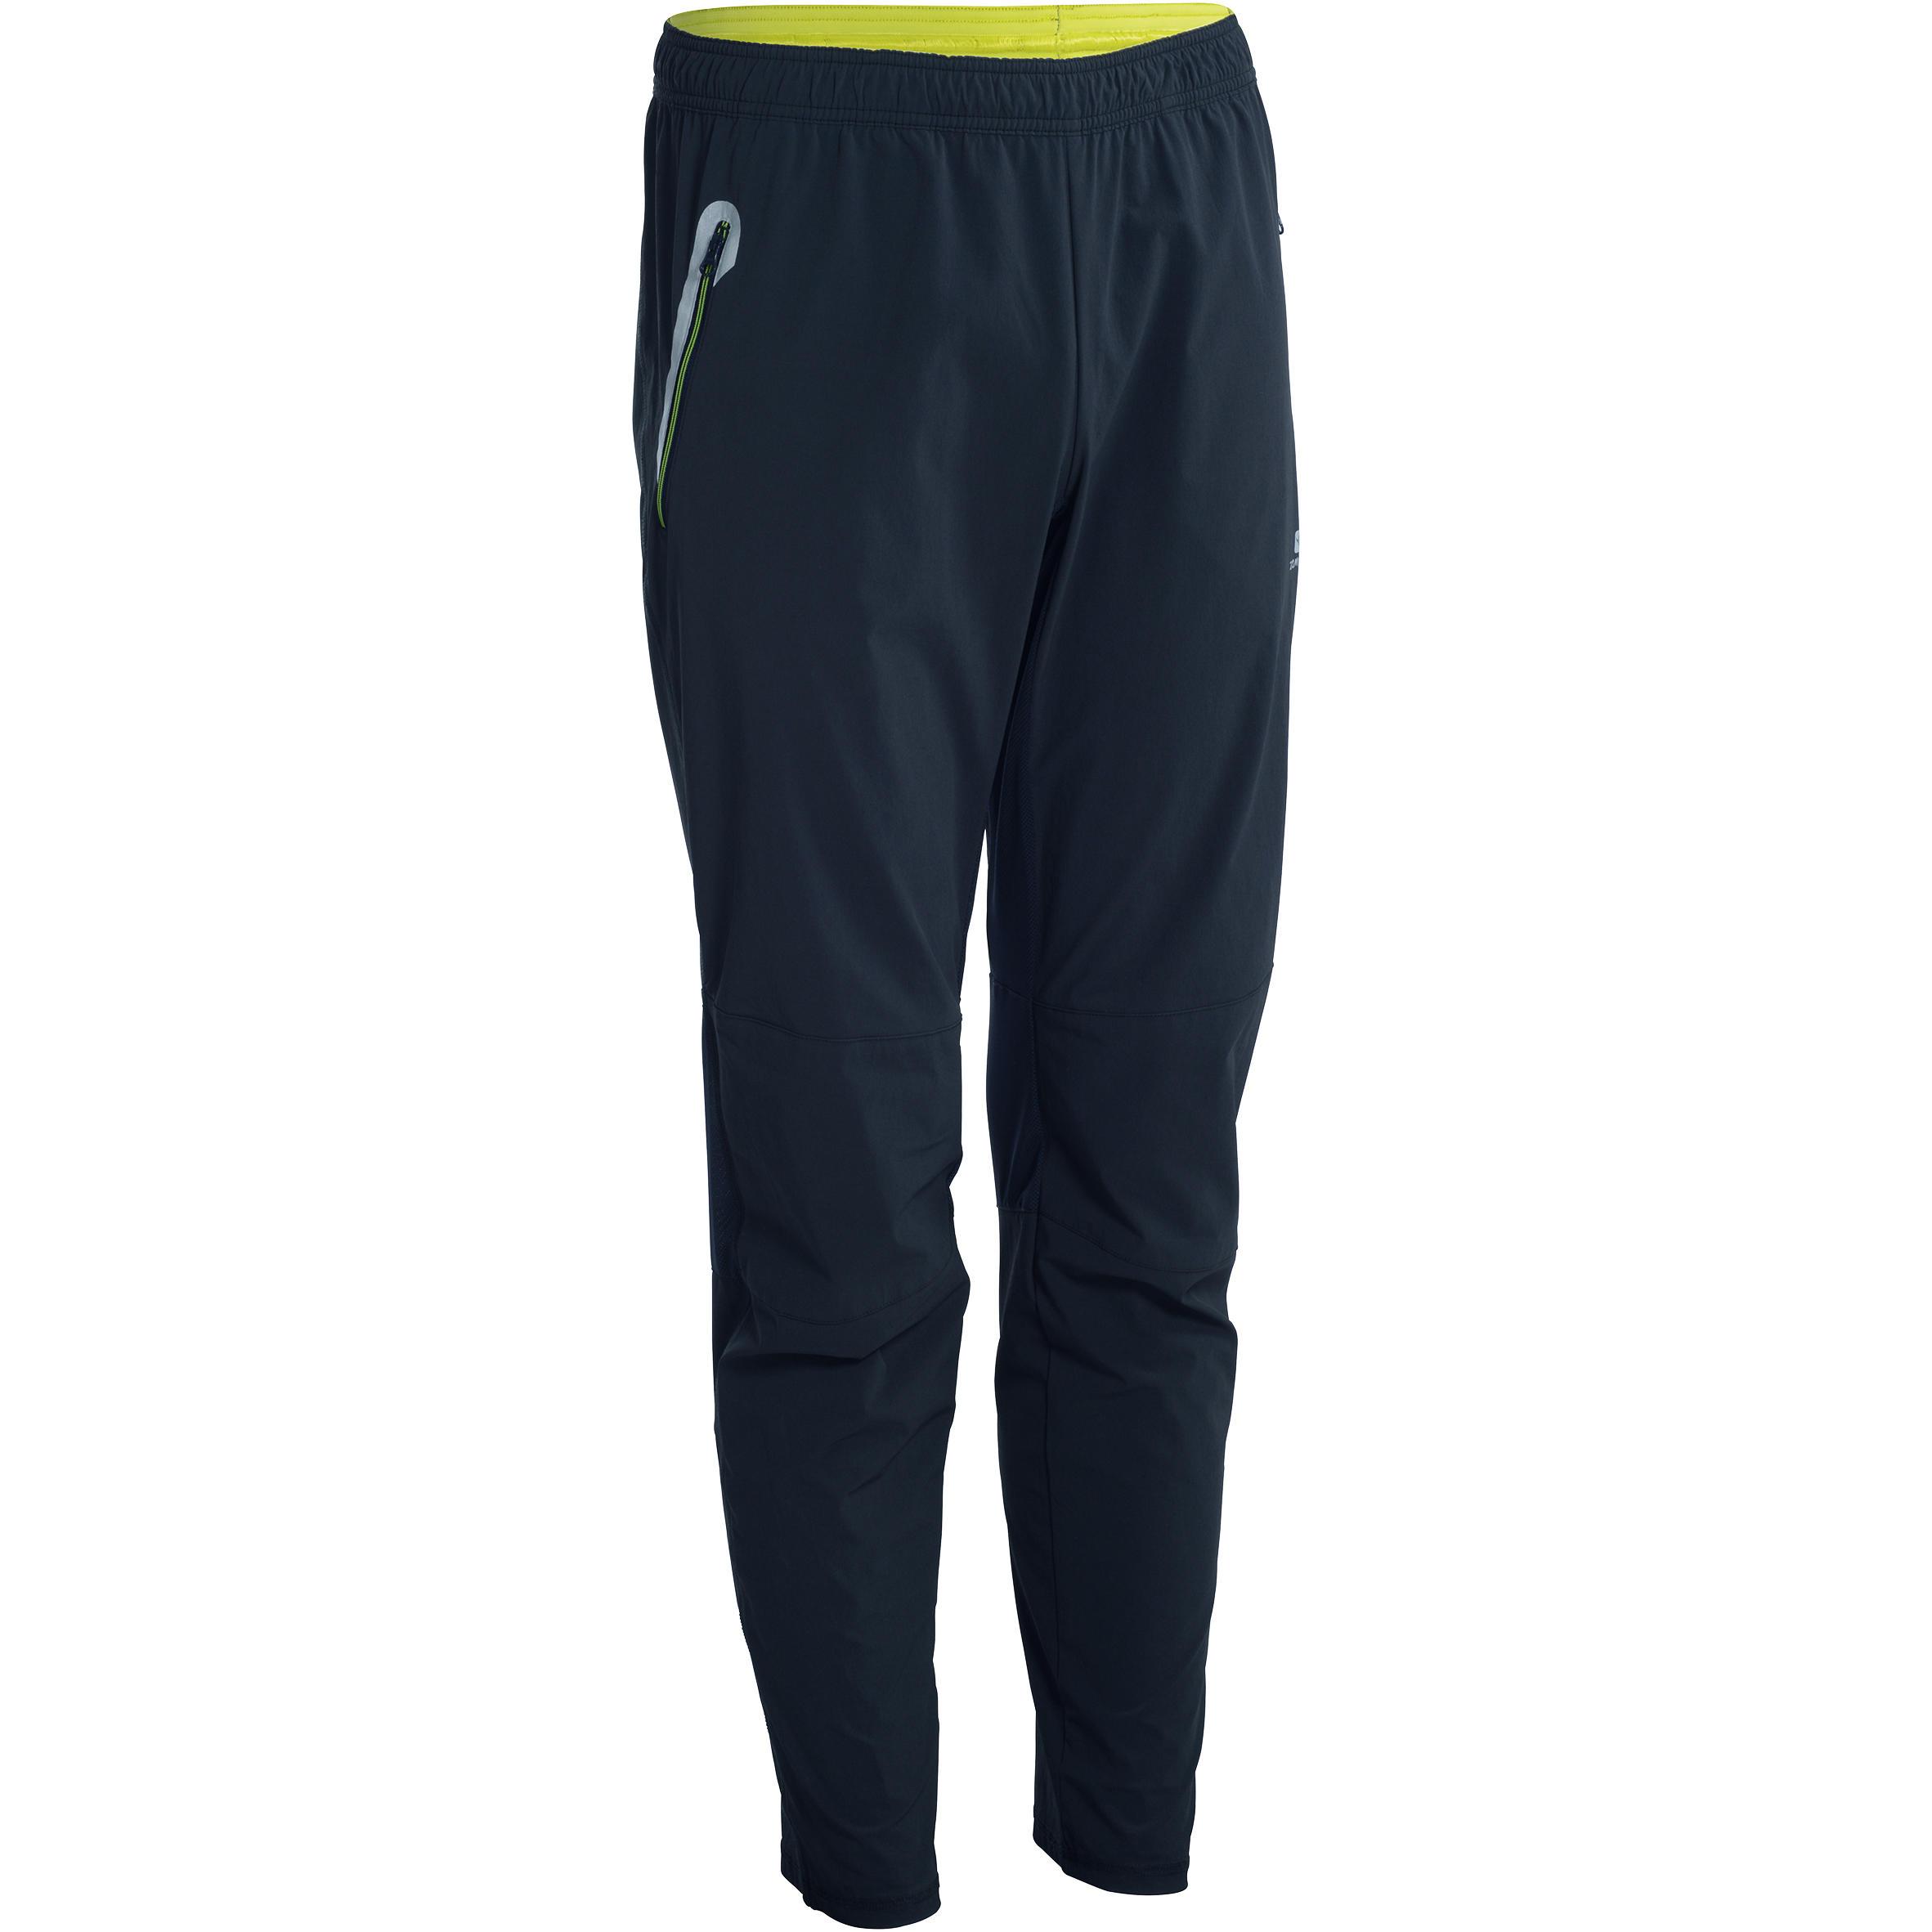 Pantalón fitness cardio hombre negro detalles amarillos ENERGY XTREM